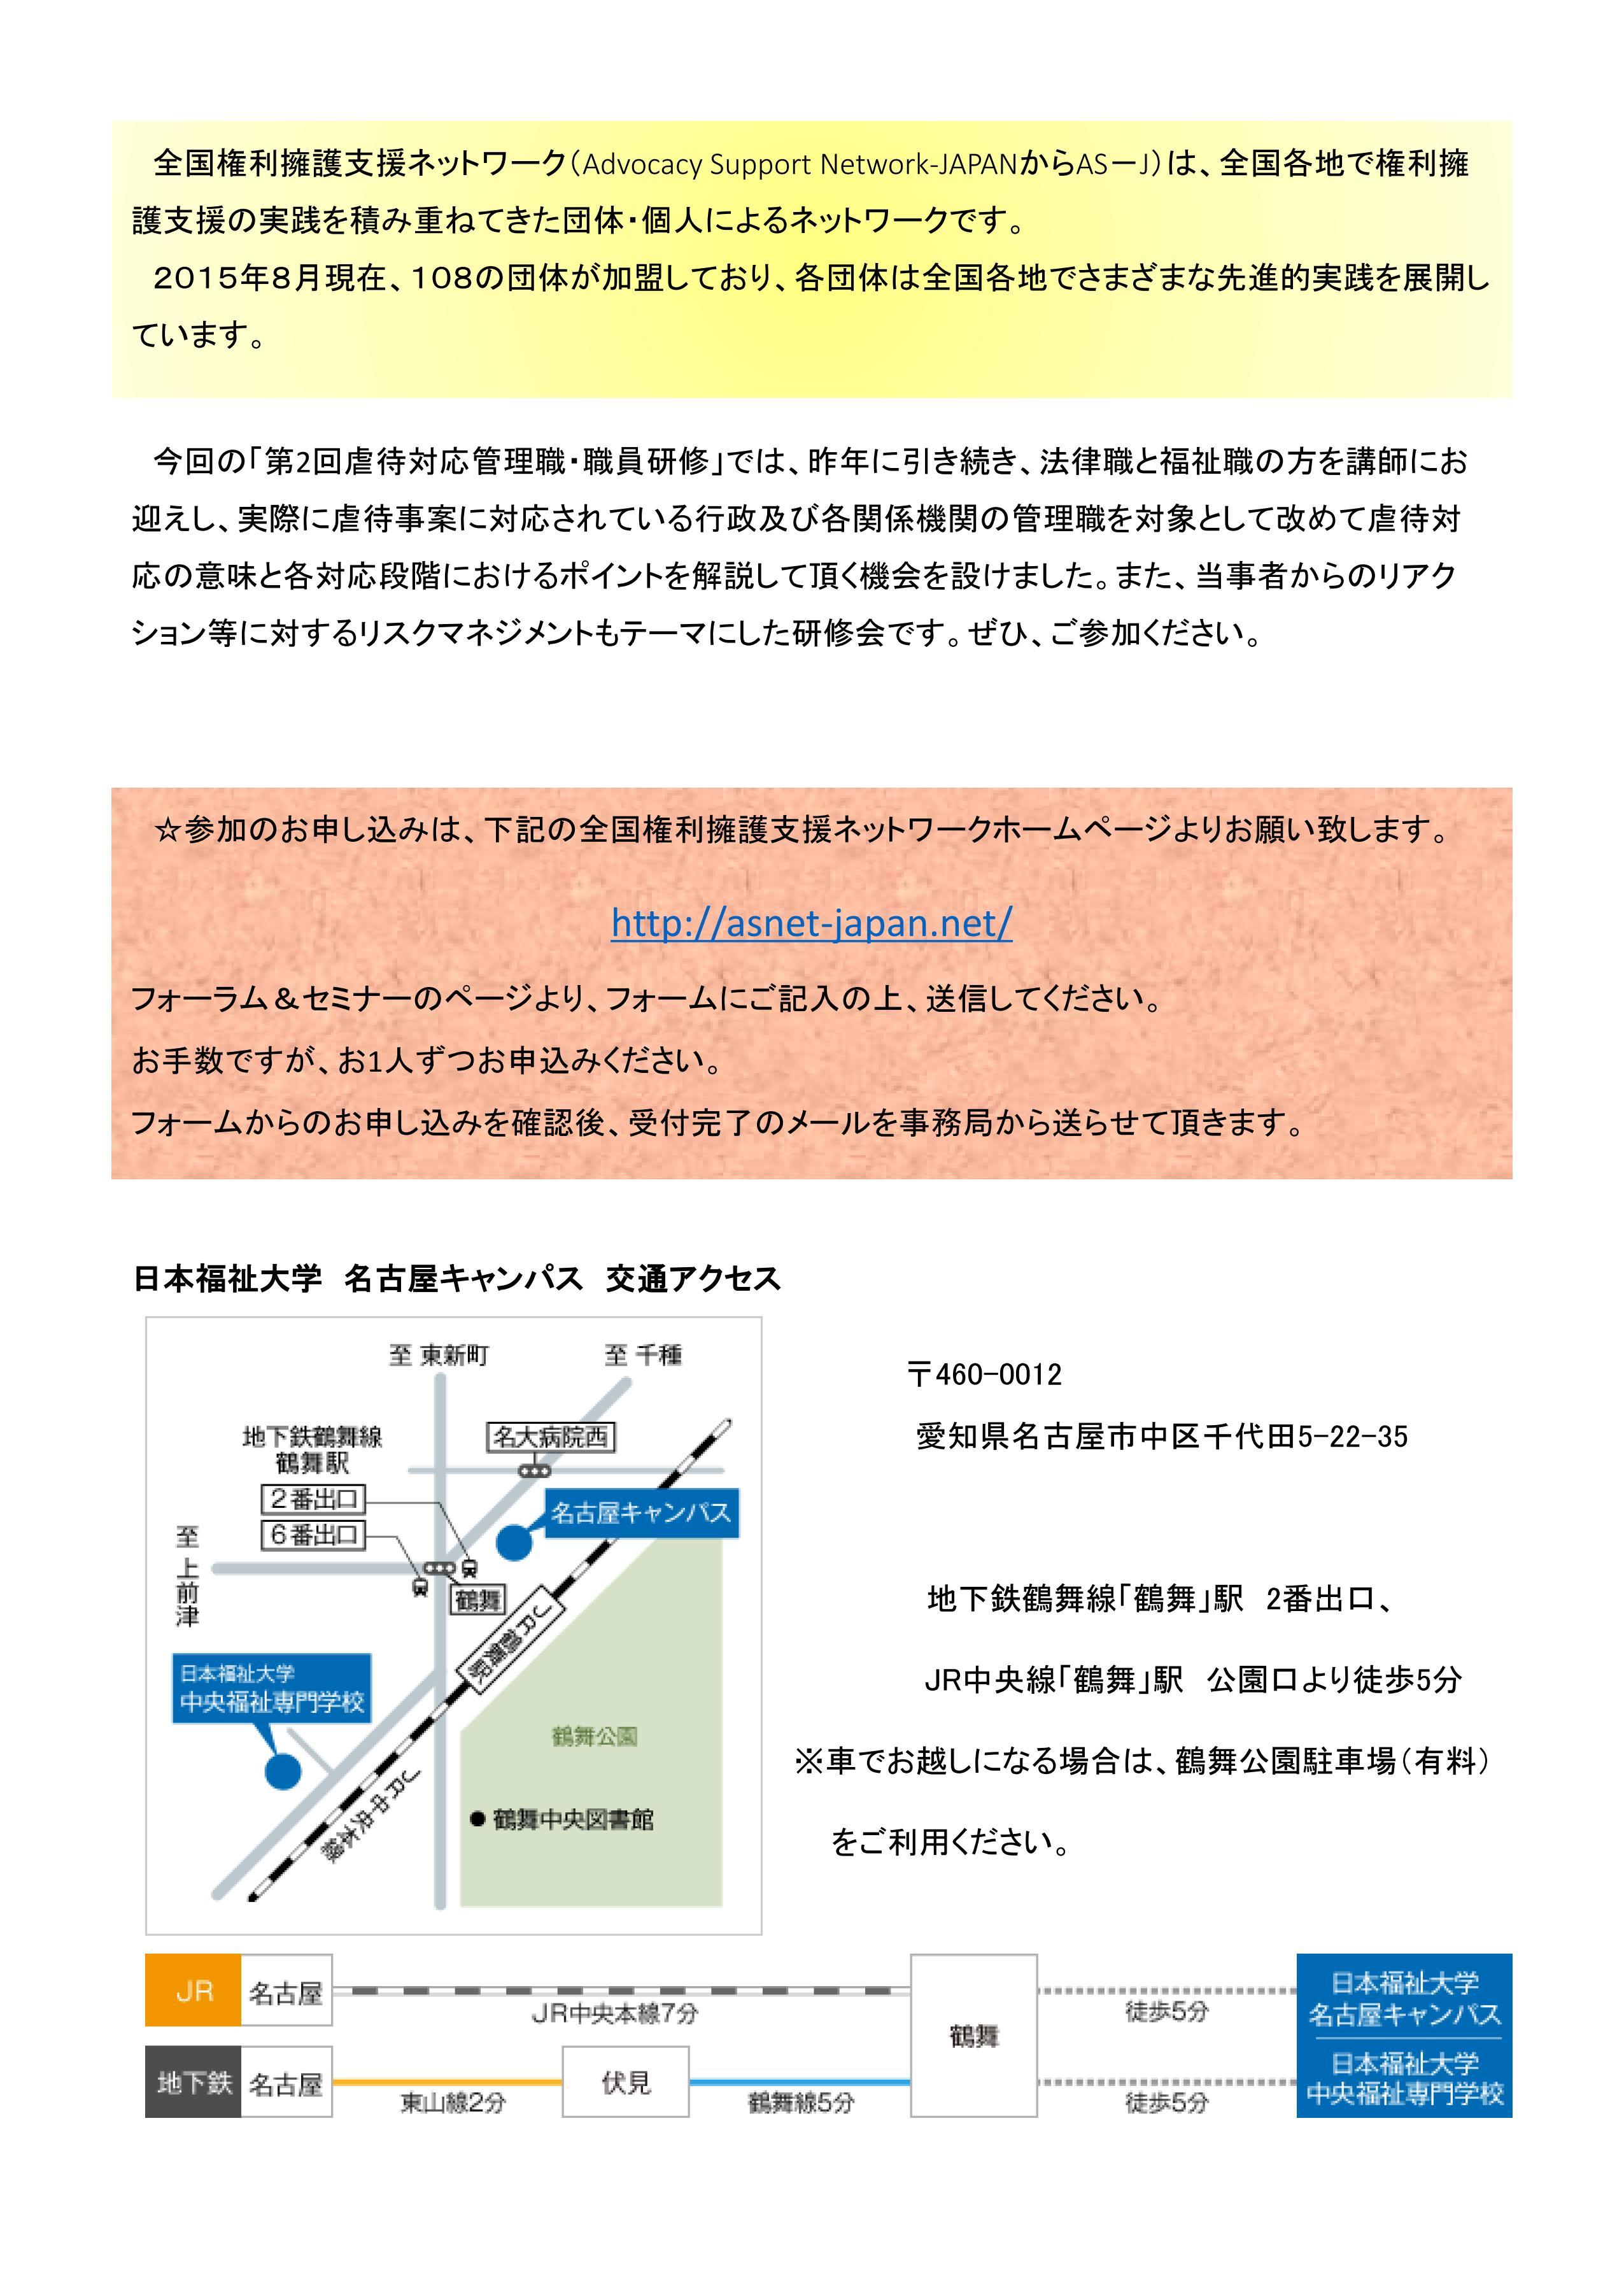 0915151014虐待対応管理職研修チラシ案_02